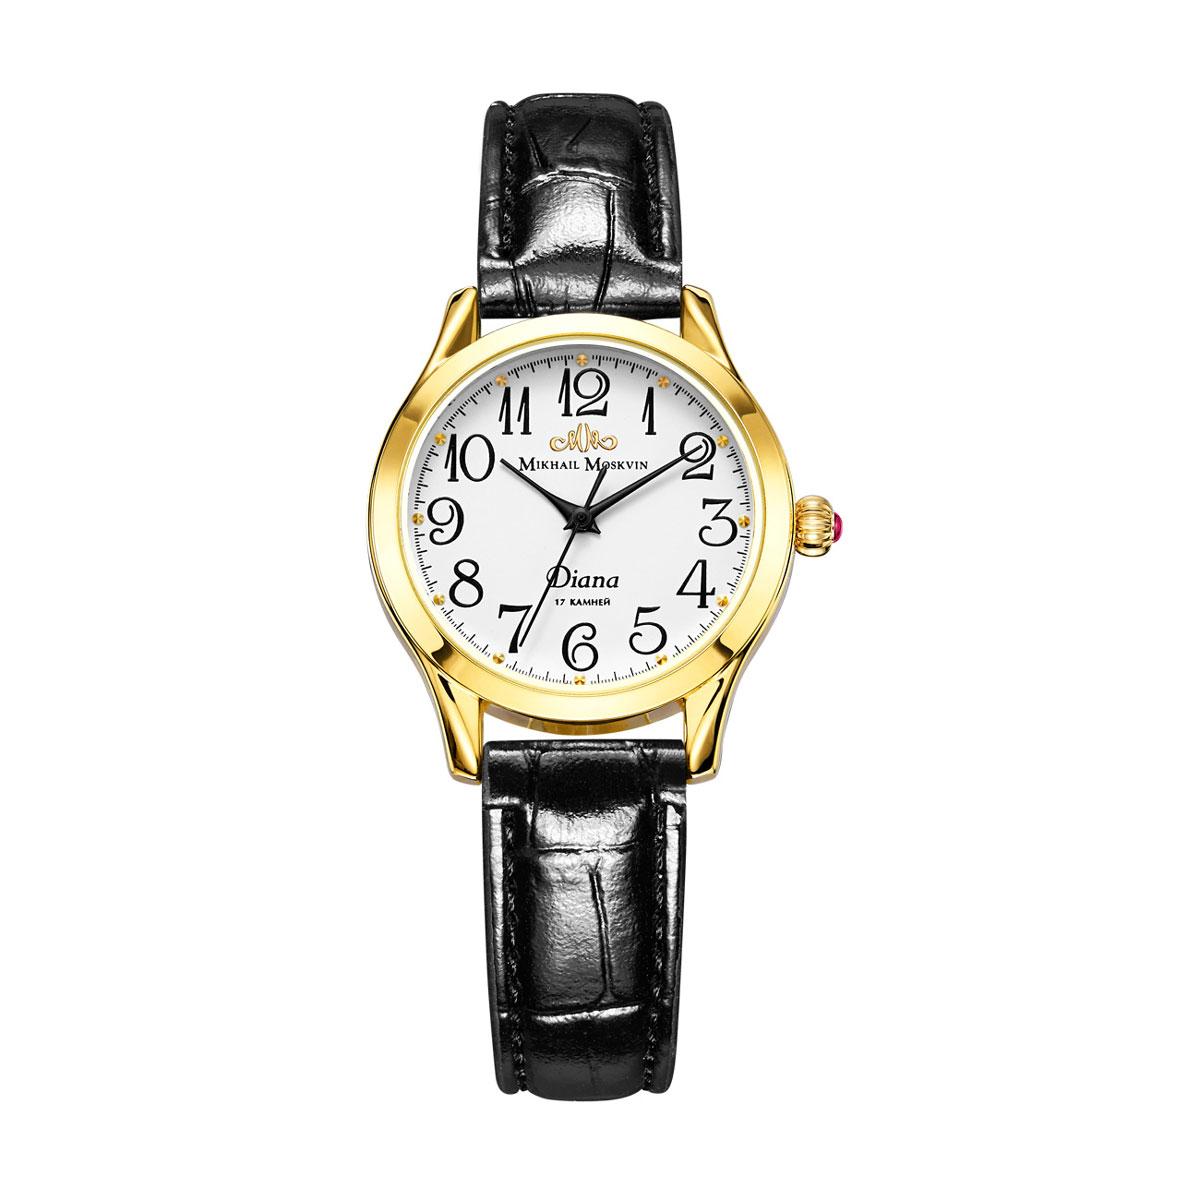 Часы женские наручные Mikhail Moskvin Диана, цвет: золотой. 590-2-2590-2-2Модель женской коллекции механических часов бренда «Mikhail Moskvin» привлекает своим сдержанным дизайном, в котором органично сочетаются технологичность и строгость. Круглый позолоченный корпус диаметром 30 мм с гранеными, изящно изогнутыми, ушками великолепно гармонирует с прекрасно читающимся классическим циферблатом. На белом поле циферблата арабские цифры дополнены элегантными черными стрелками. Круглые золотые часовые индексы расположены на бегущей по краю минутной дорожке. Золотистая заводная головка-луковица инкрустирована красной вставкой-кабошоном. Часы оснащены надежным механическим механизмом ручного завода. Черный блестящий ремень комплектуется удобной и надежной пряжкой.